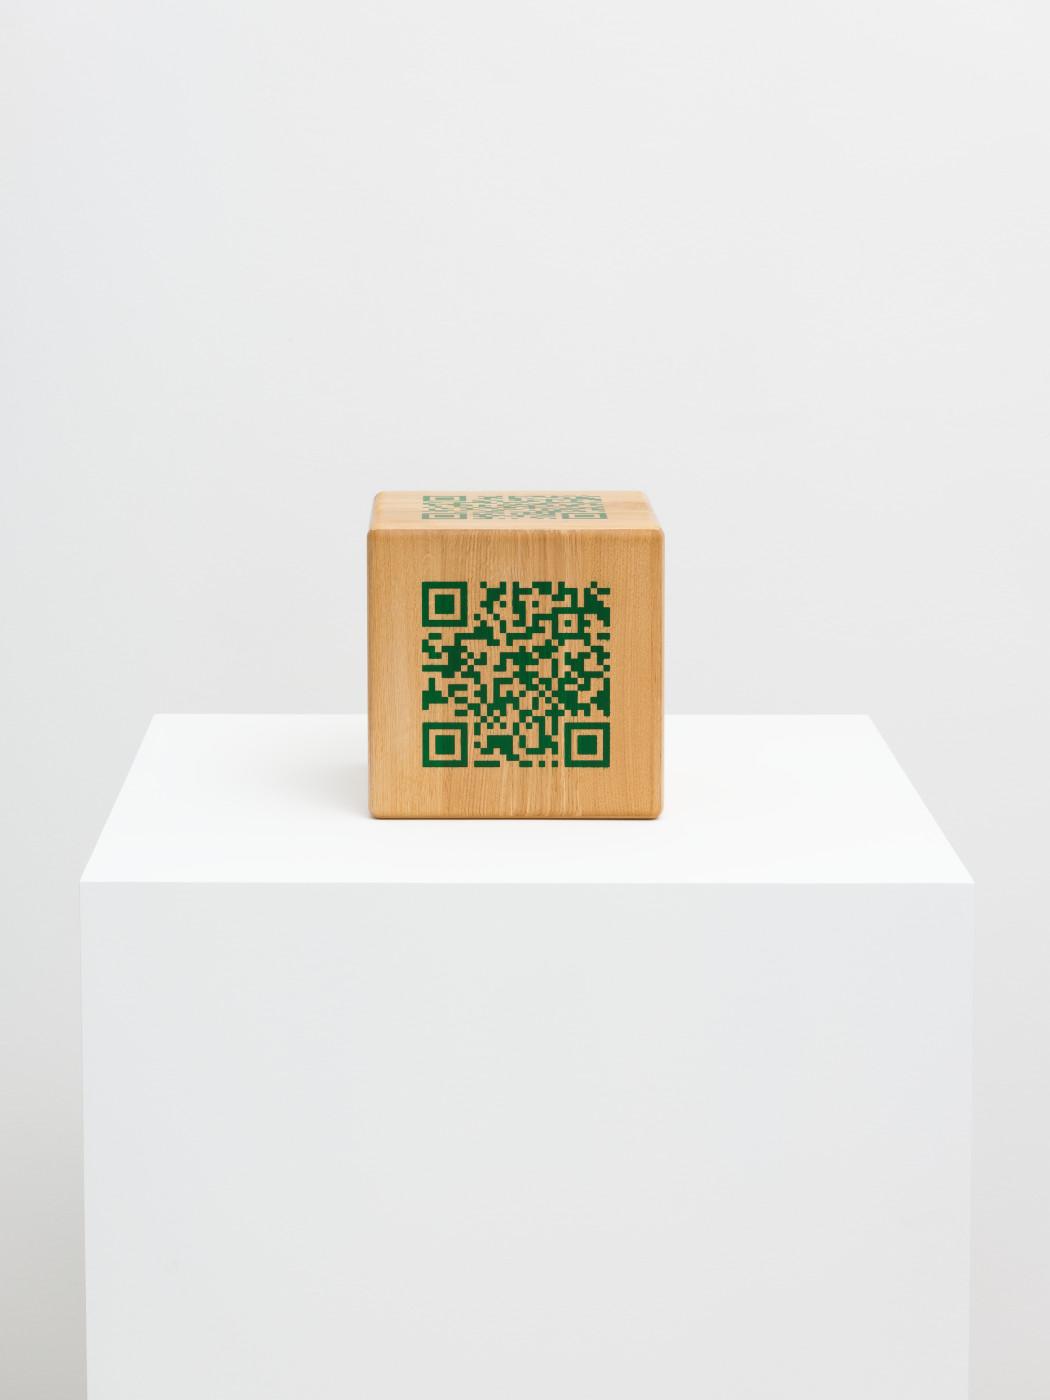 """<div class=""""artwork_caption""""><div class=""""title""""><em>6 Sides of Scott Mendes</em></div><div class=""""medium"""">oak panels, epoxy adhesive, trans emerald epoxy filler</div><div class=""""dimensions"""">Cube size : 21.5 x 21.5 x 21.5 cm<br />QR–Code size : 13.5 x 13.5 cm</div></div>"""